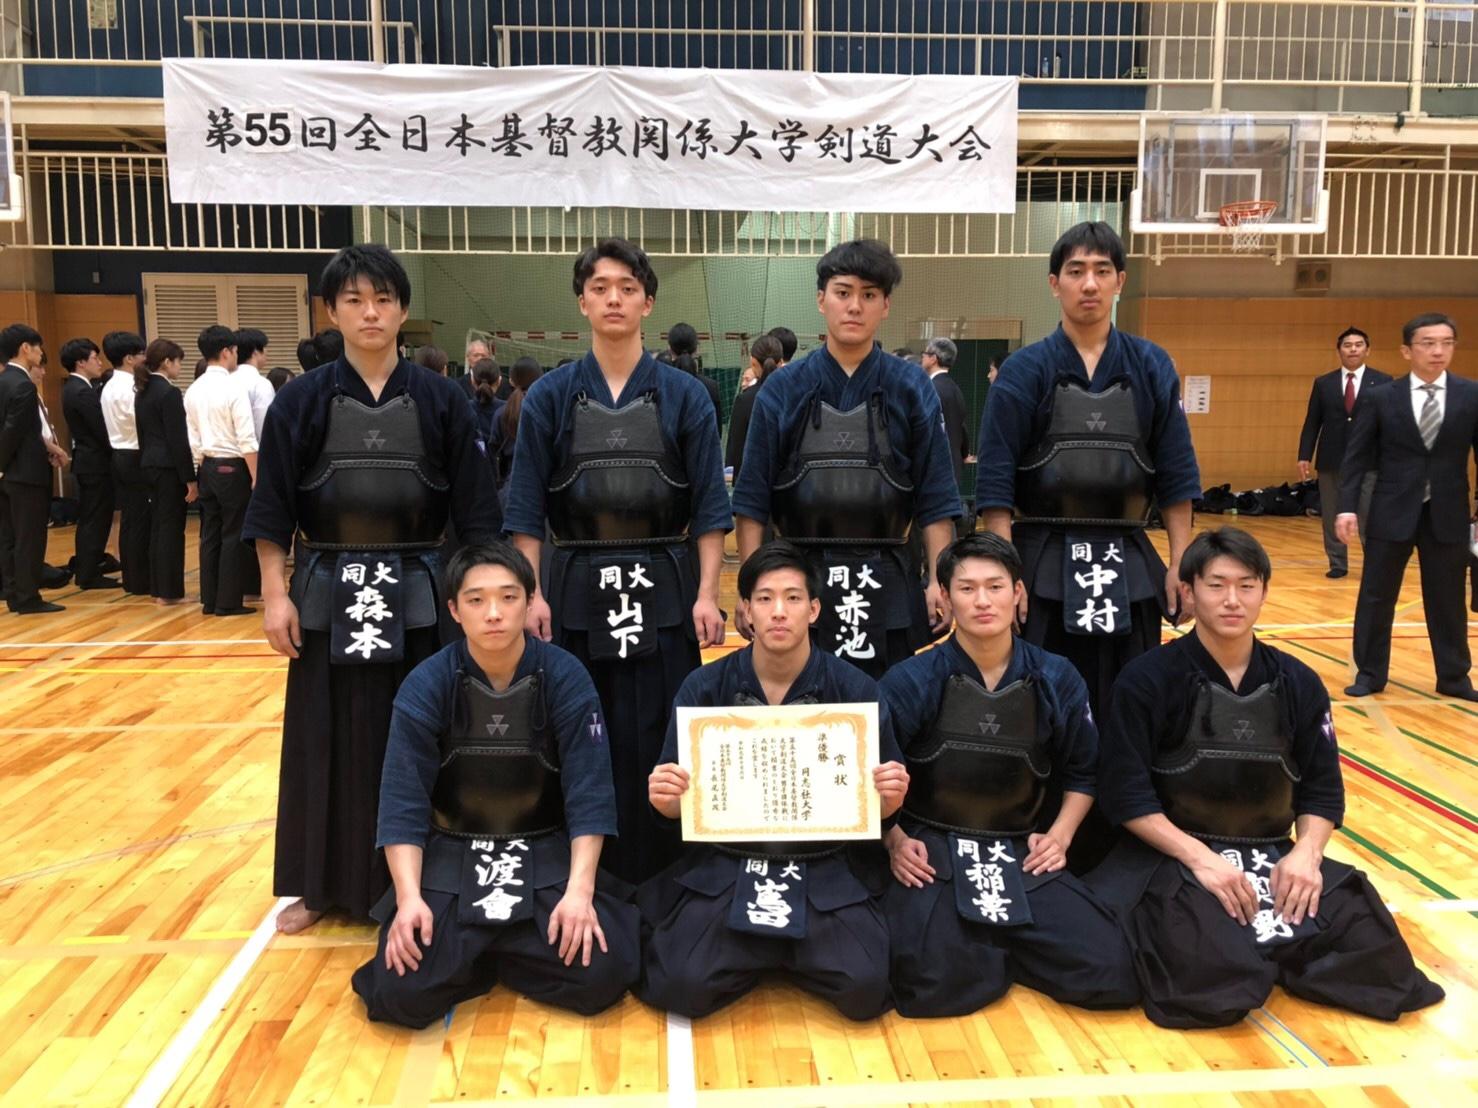 【結果報告】基督教大会(2019.10.6)